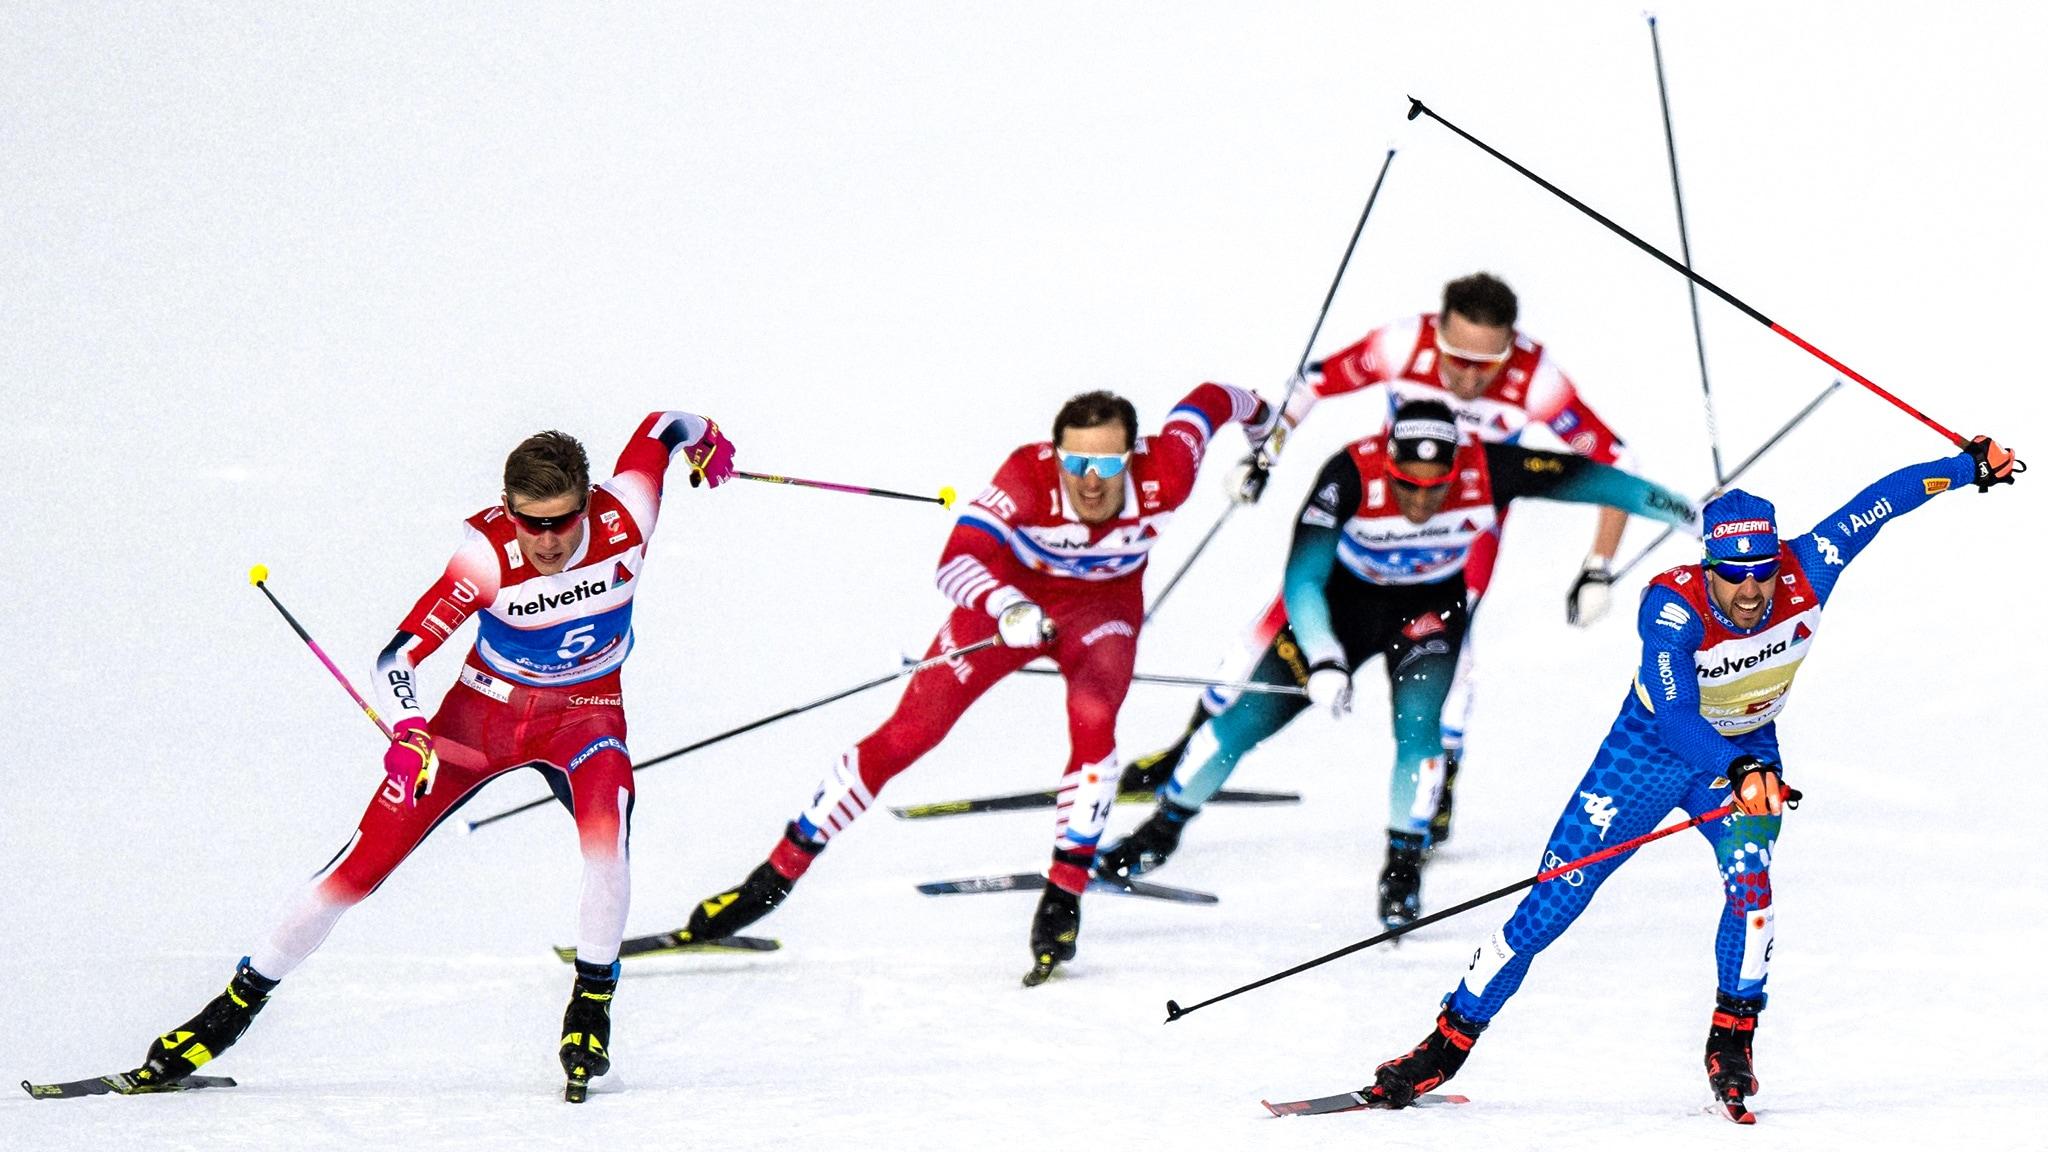 Rai Sport+ HD Campionati Mondiali Sci Nordico :Sci Di Fondo 30 Km C mass start - CC-Femminile